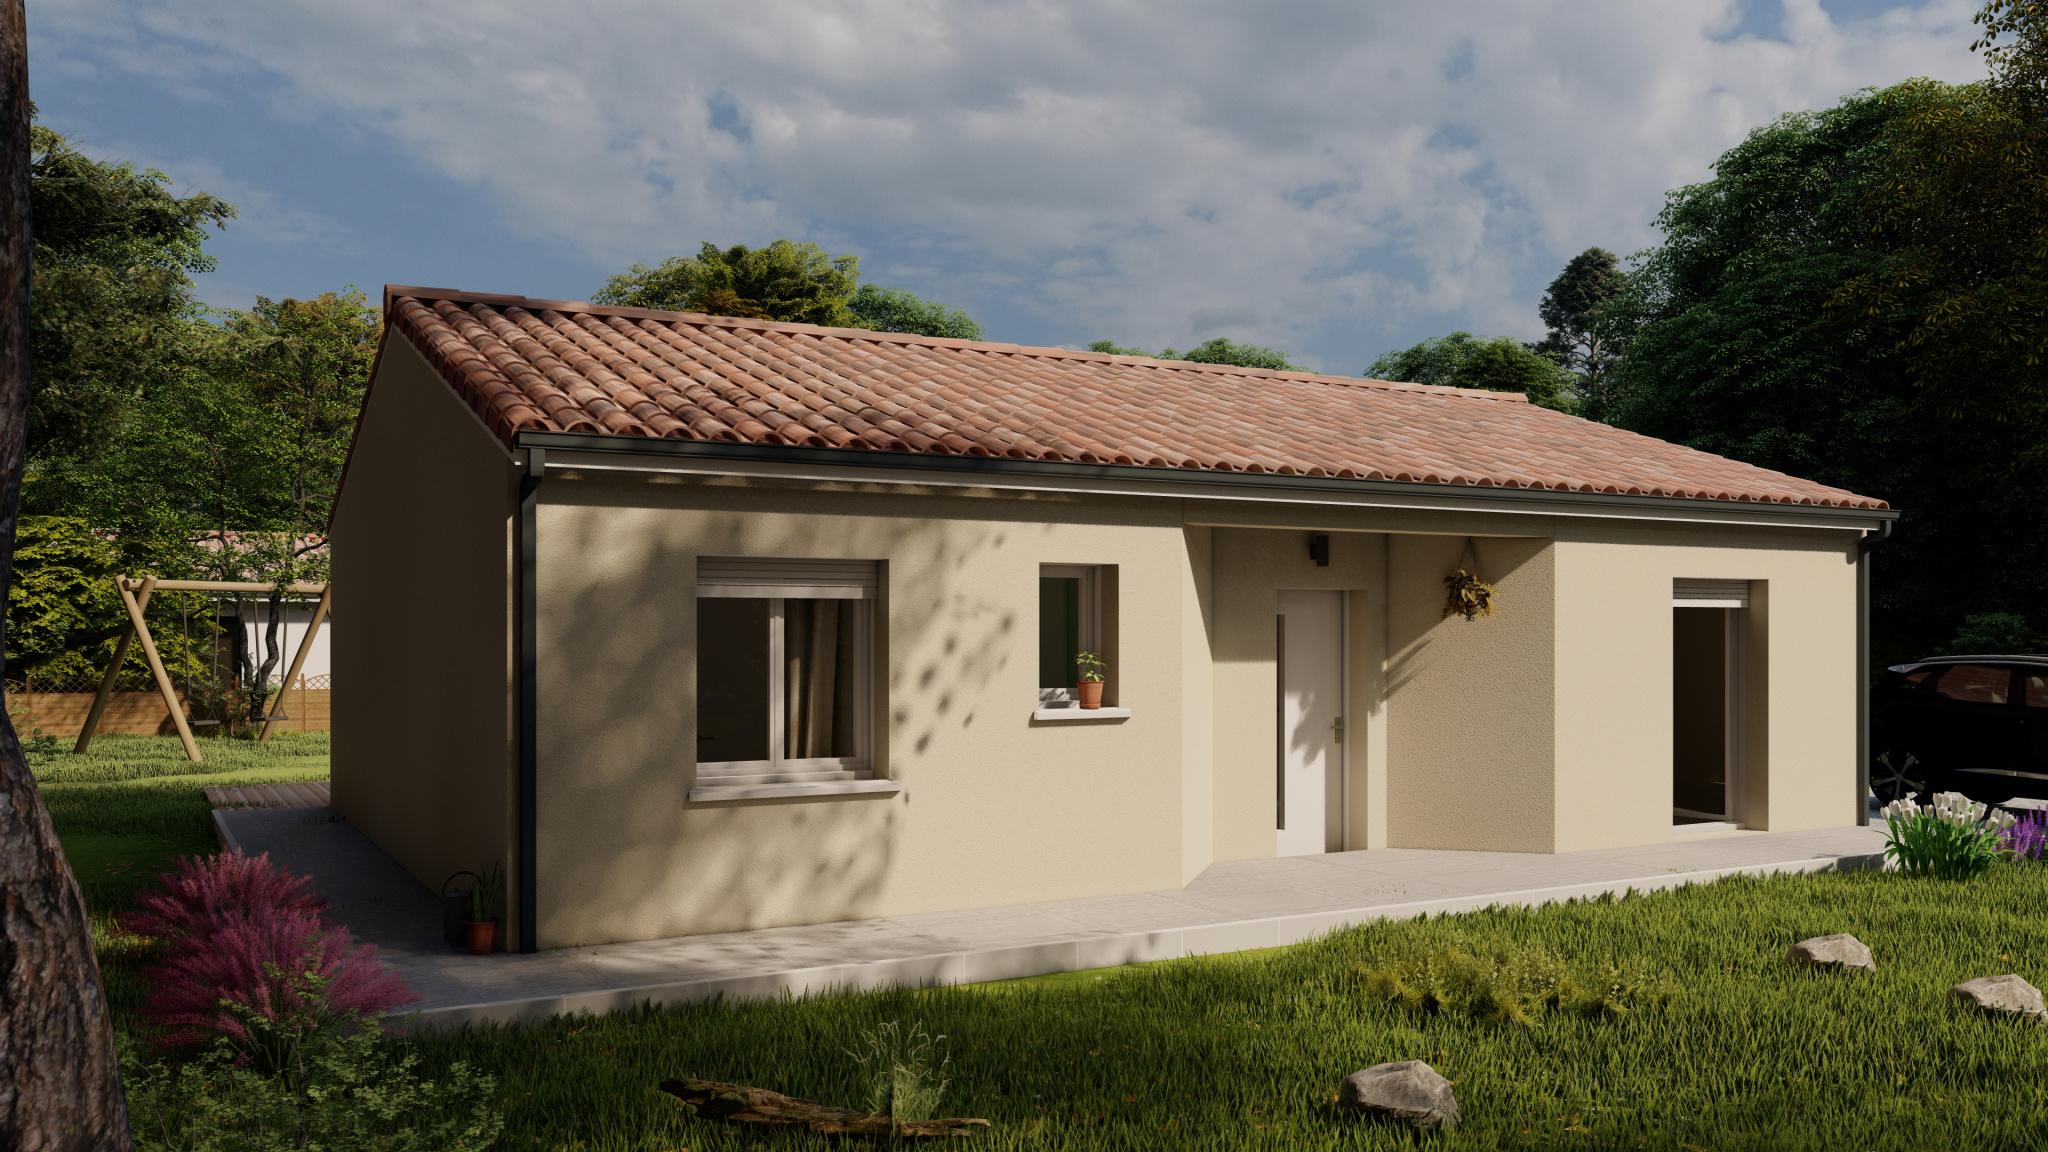 Vente maison à Montsoue (40500) de 80 m2 habitable sur terrain de 803 m2